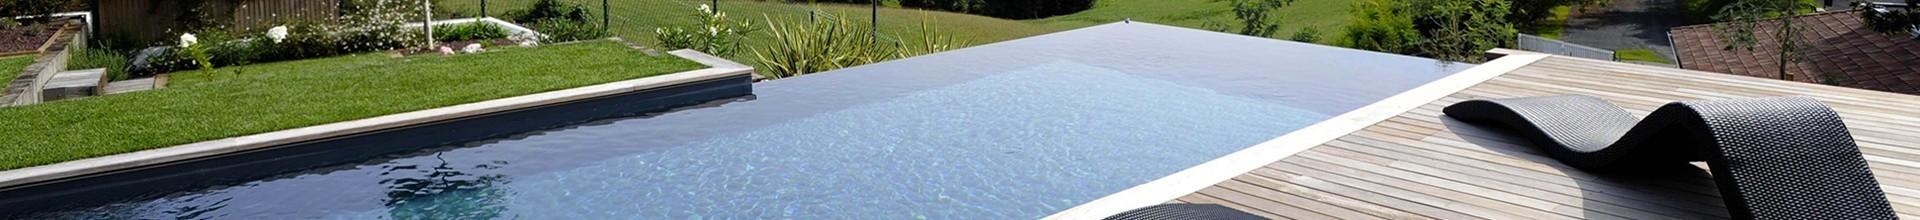 Direct usine, piscine coque prix Rumelange